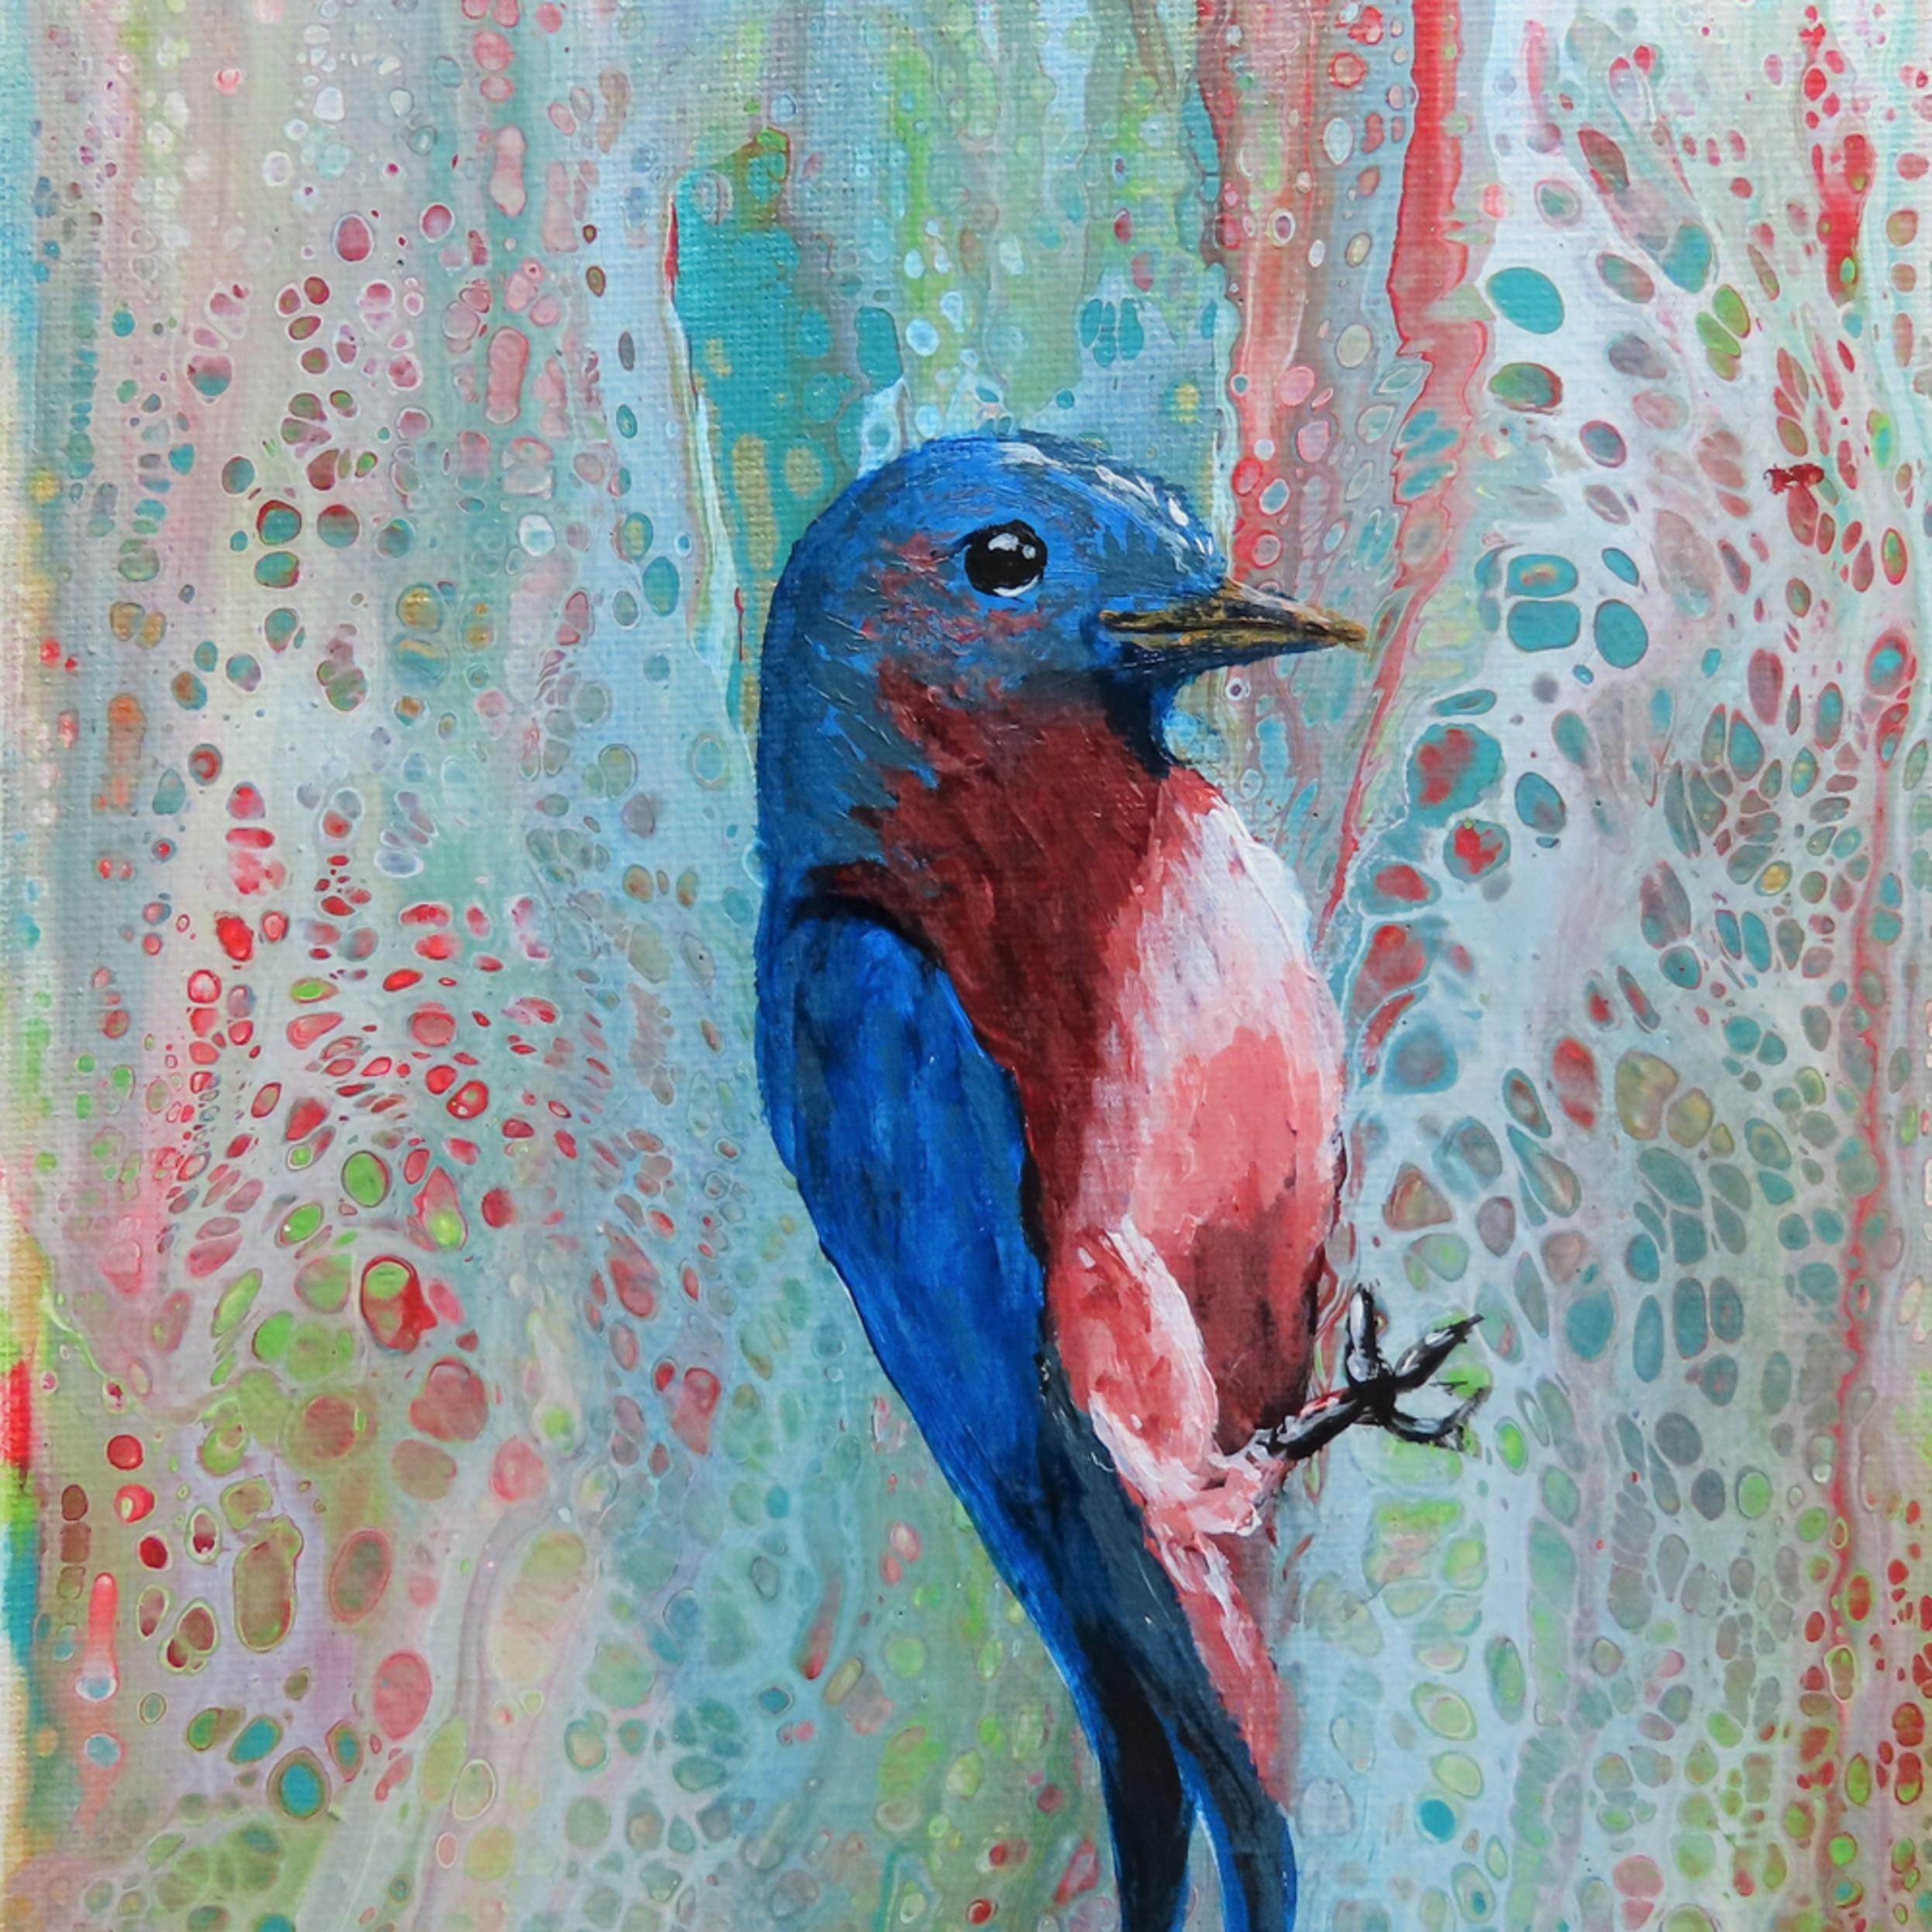 Bluebird viyvjr